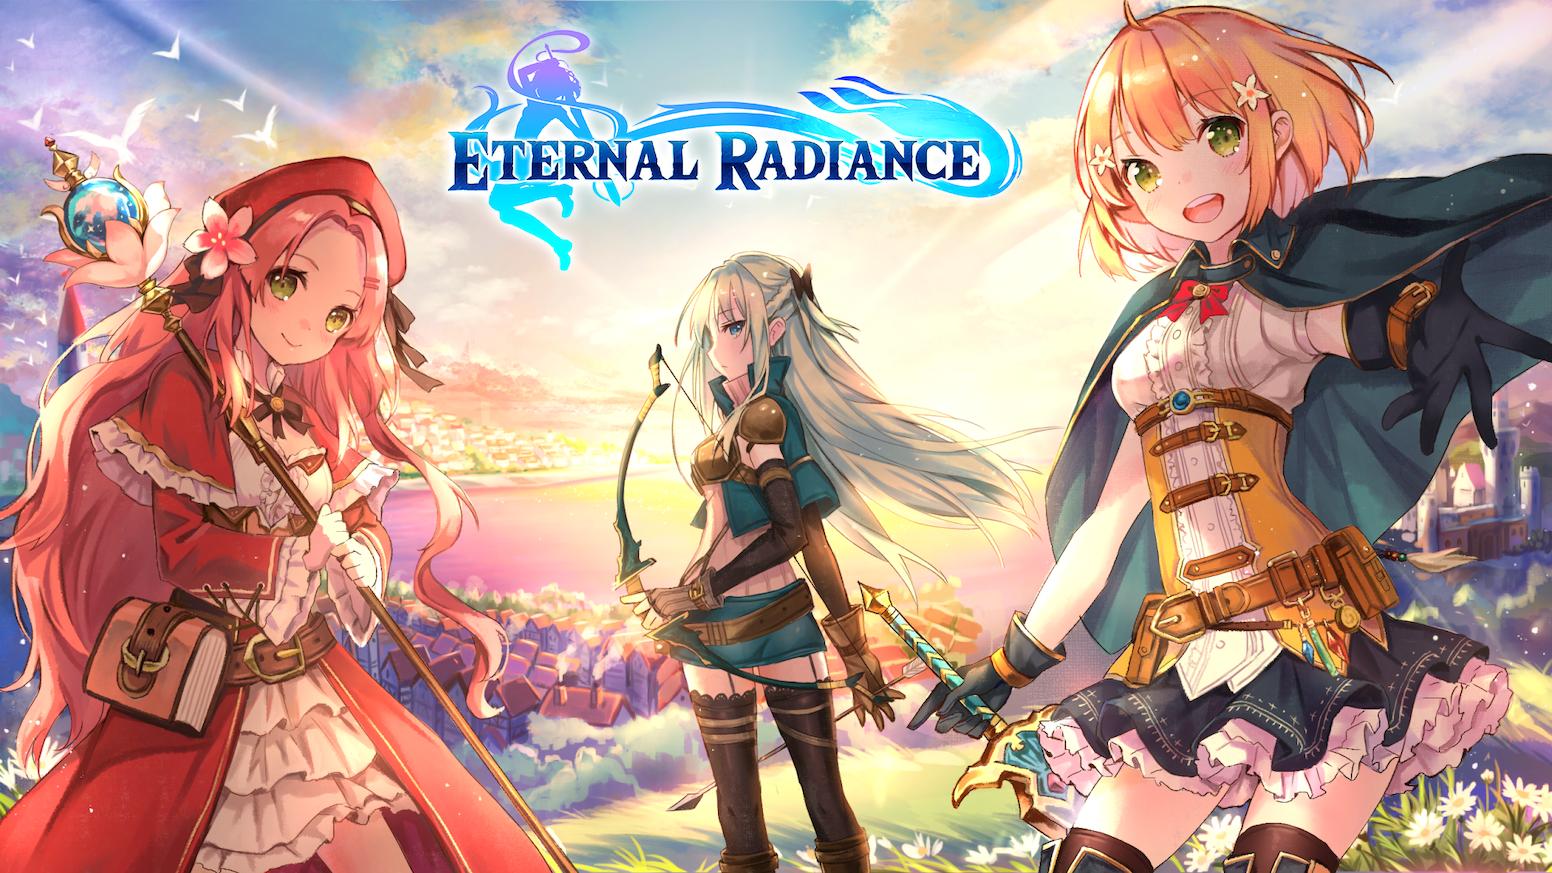 Eternal Radiance: Fantasy Action JRPG VN by Visualnoveler — Kickstarter